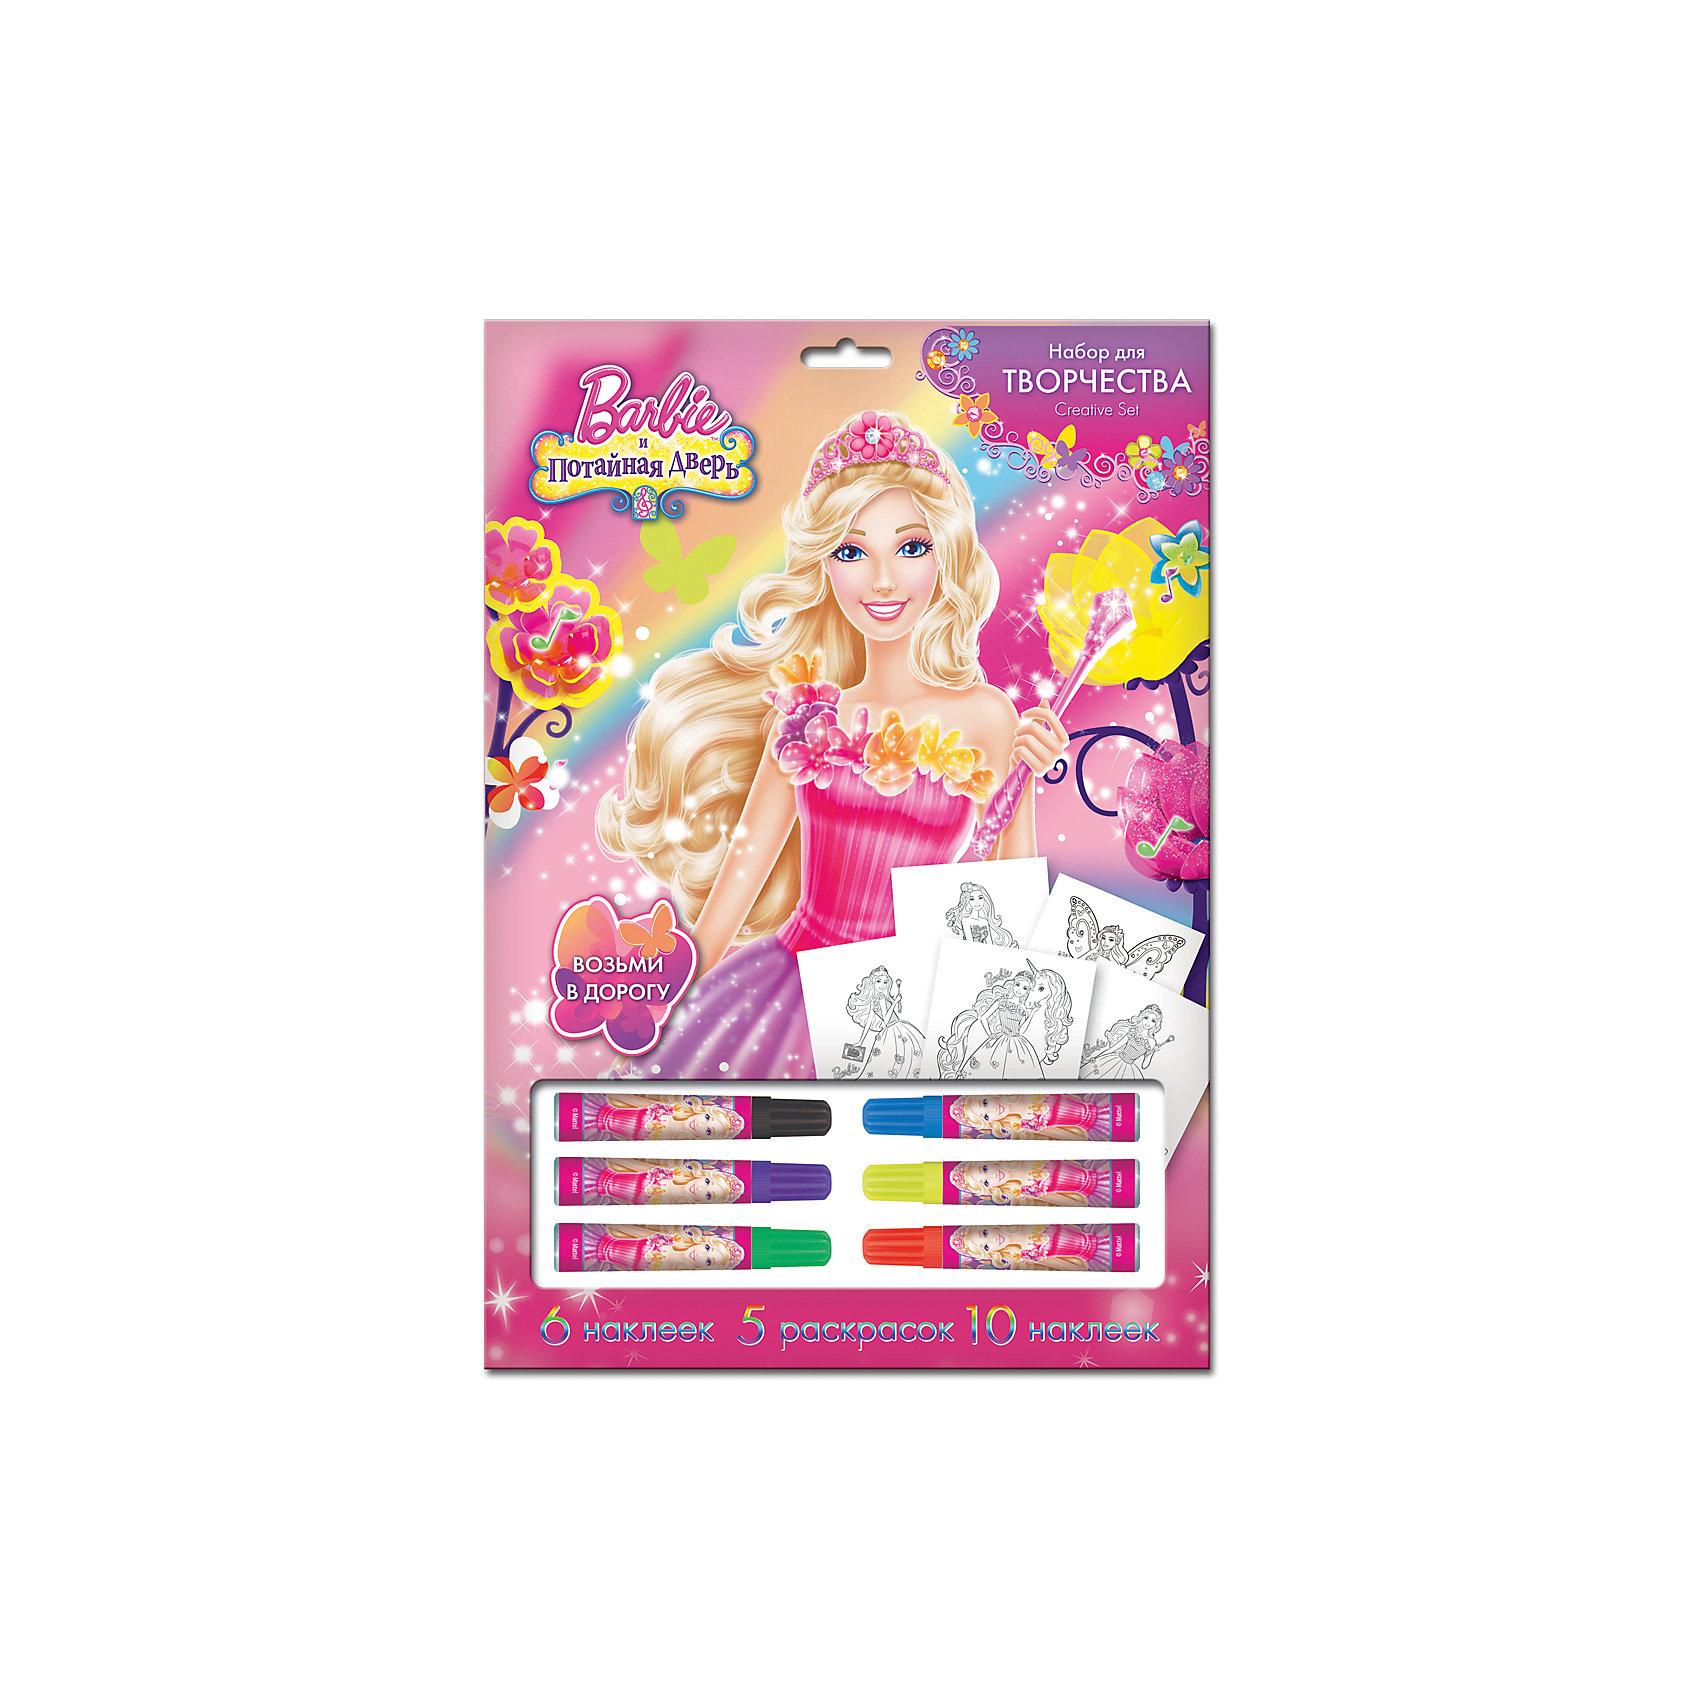 Набор для рисования BarbieНабор для рисования с фломастерами Mattel Barbie 6 фломастеров, 5 раскрасок, 10 наклеек  в картонном блистере А4<br><br>Ширина мм: 230<br>Глубина мм: 330<br>Высота мм: 240<br>Вес г: 120<br>Возраст от месяцев: 48<br>Возраст до месяцев: 144<br>Пол: Женский<br>Возраст: Детский<br>SKU: 5390302